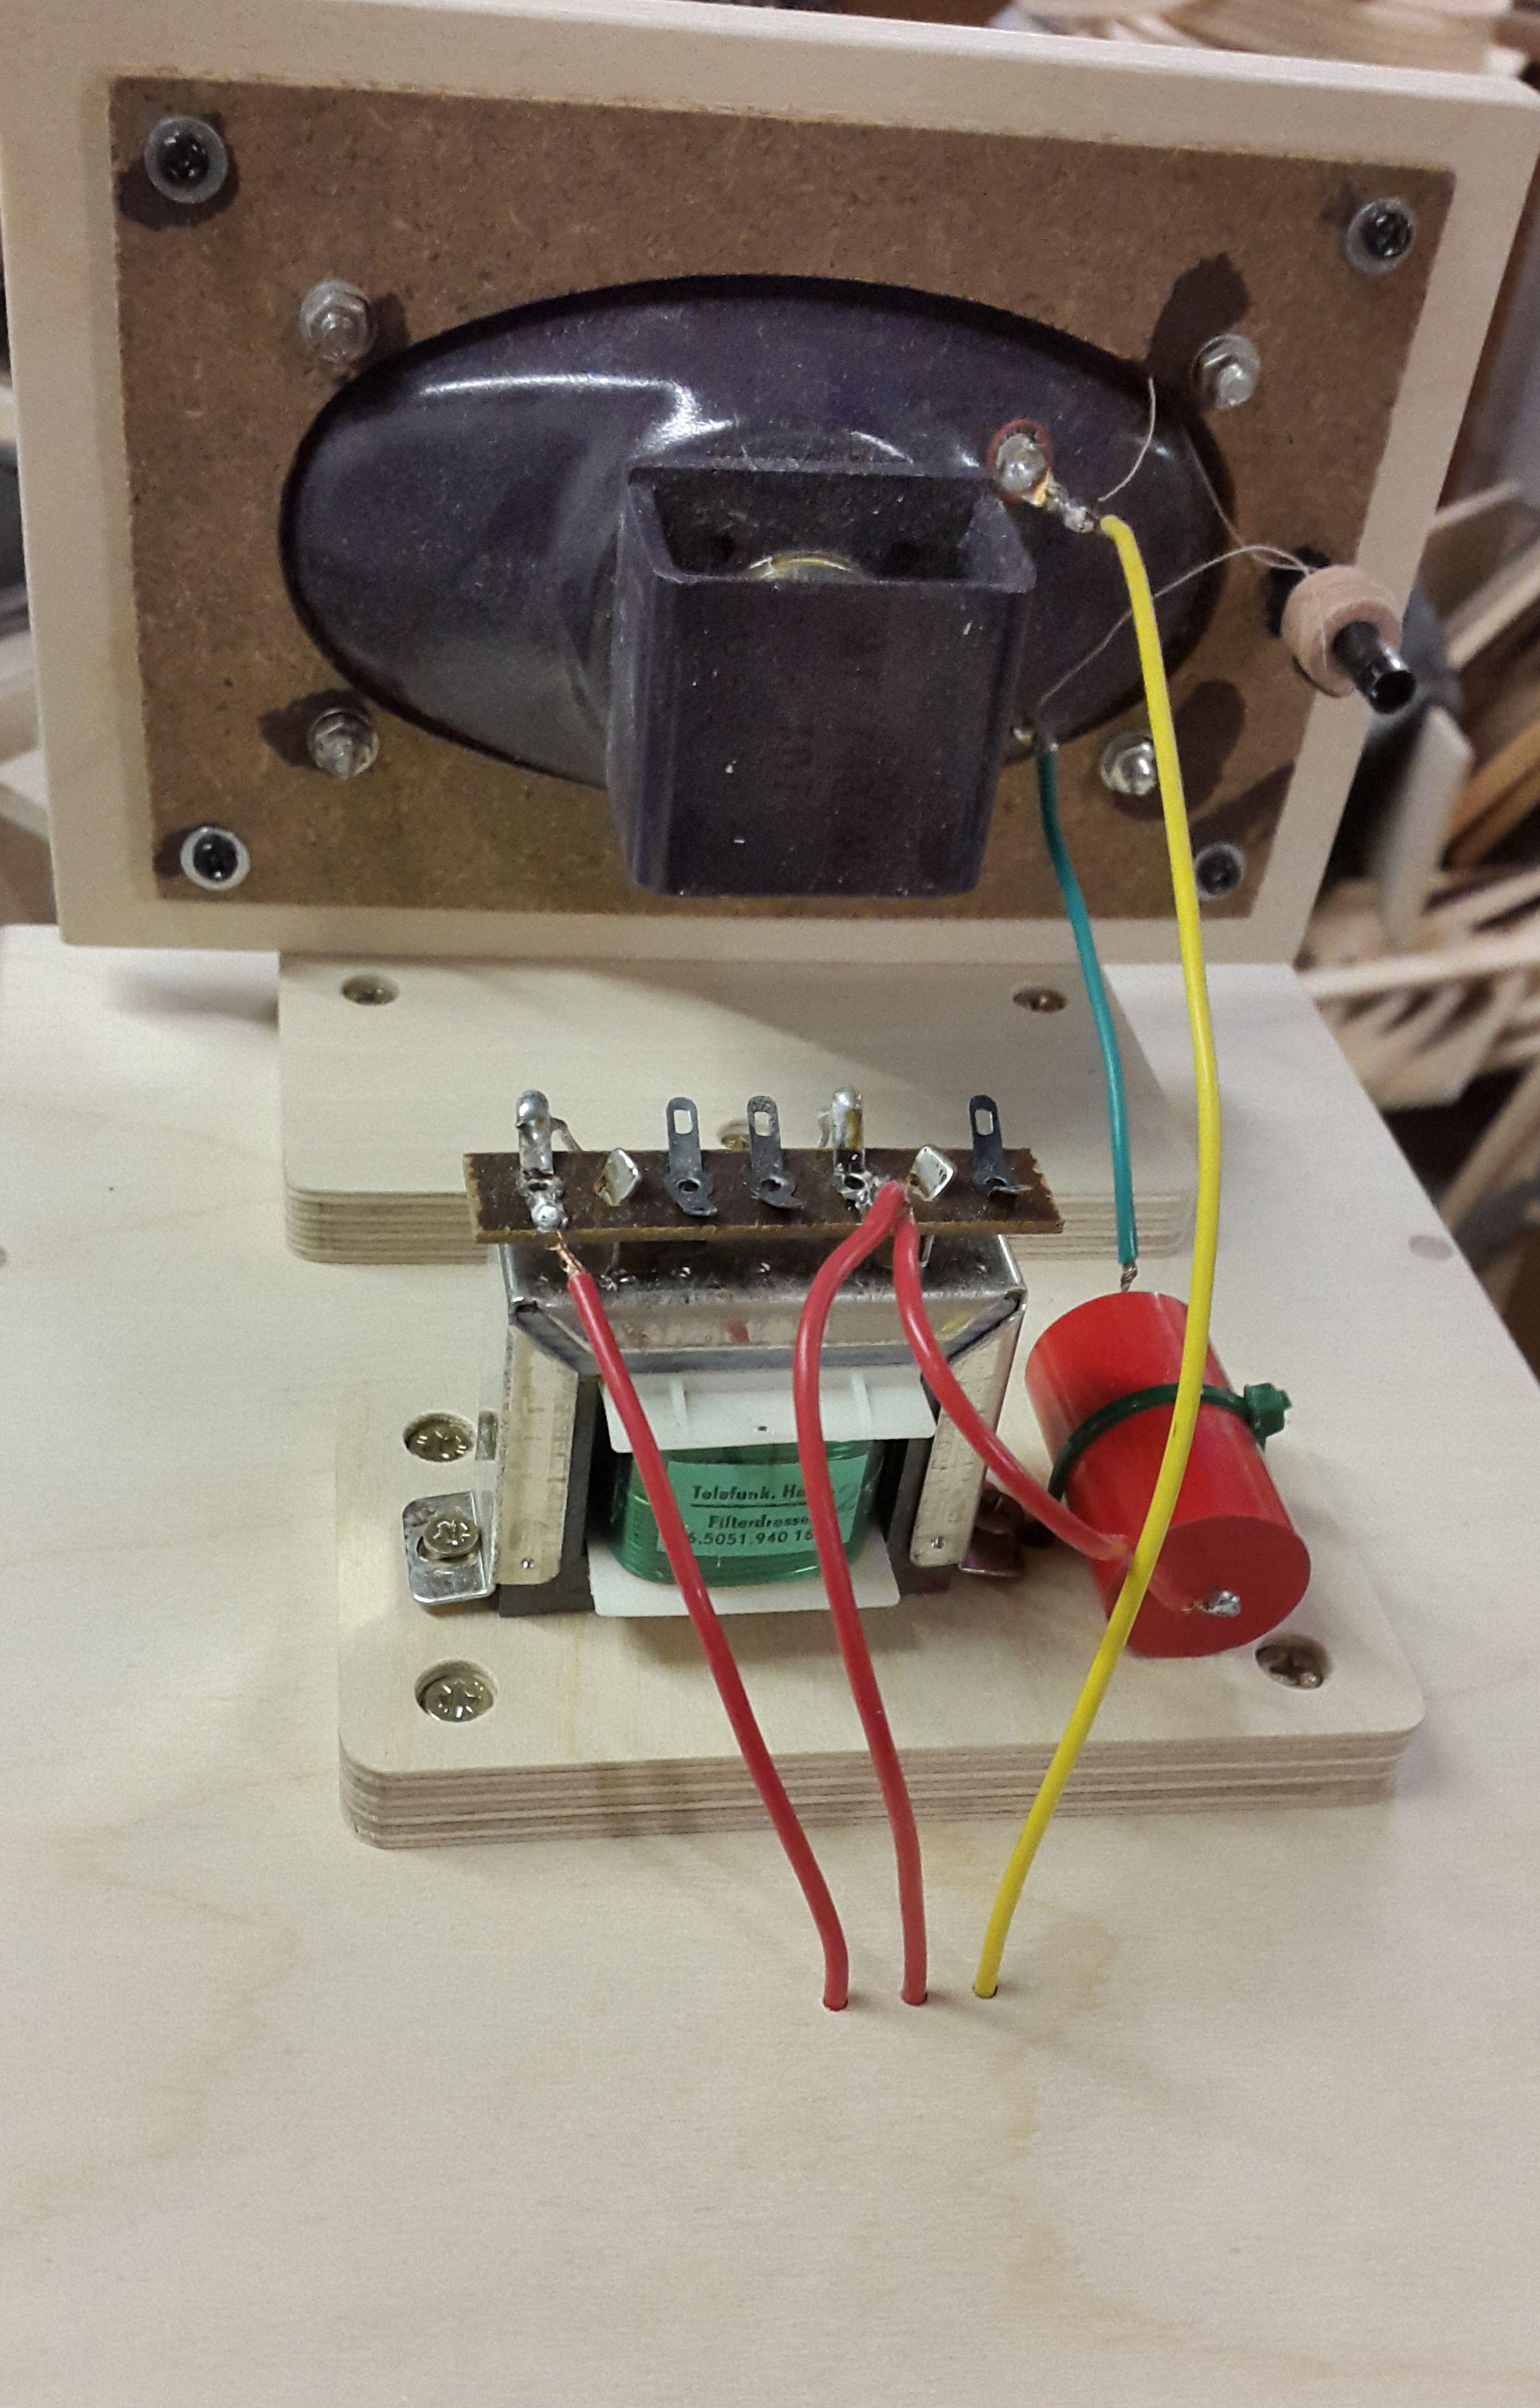 telefunky telefunken inductor metalised polypropylene film telefunky telefunken inductor metalised polypropylene film capacitor wire wound resistor